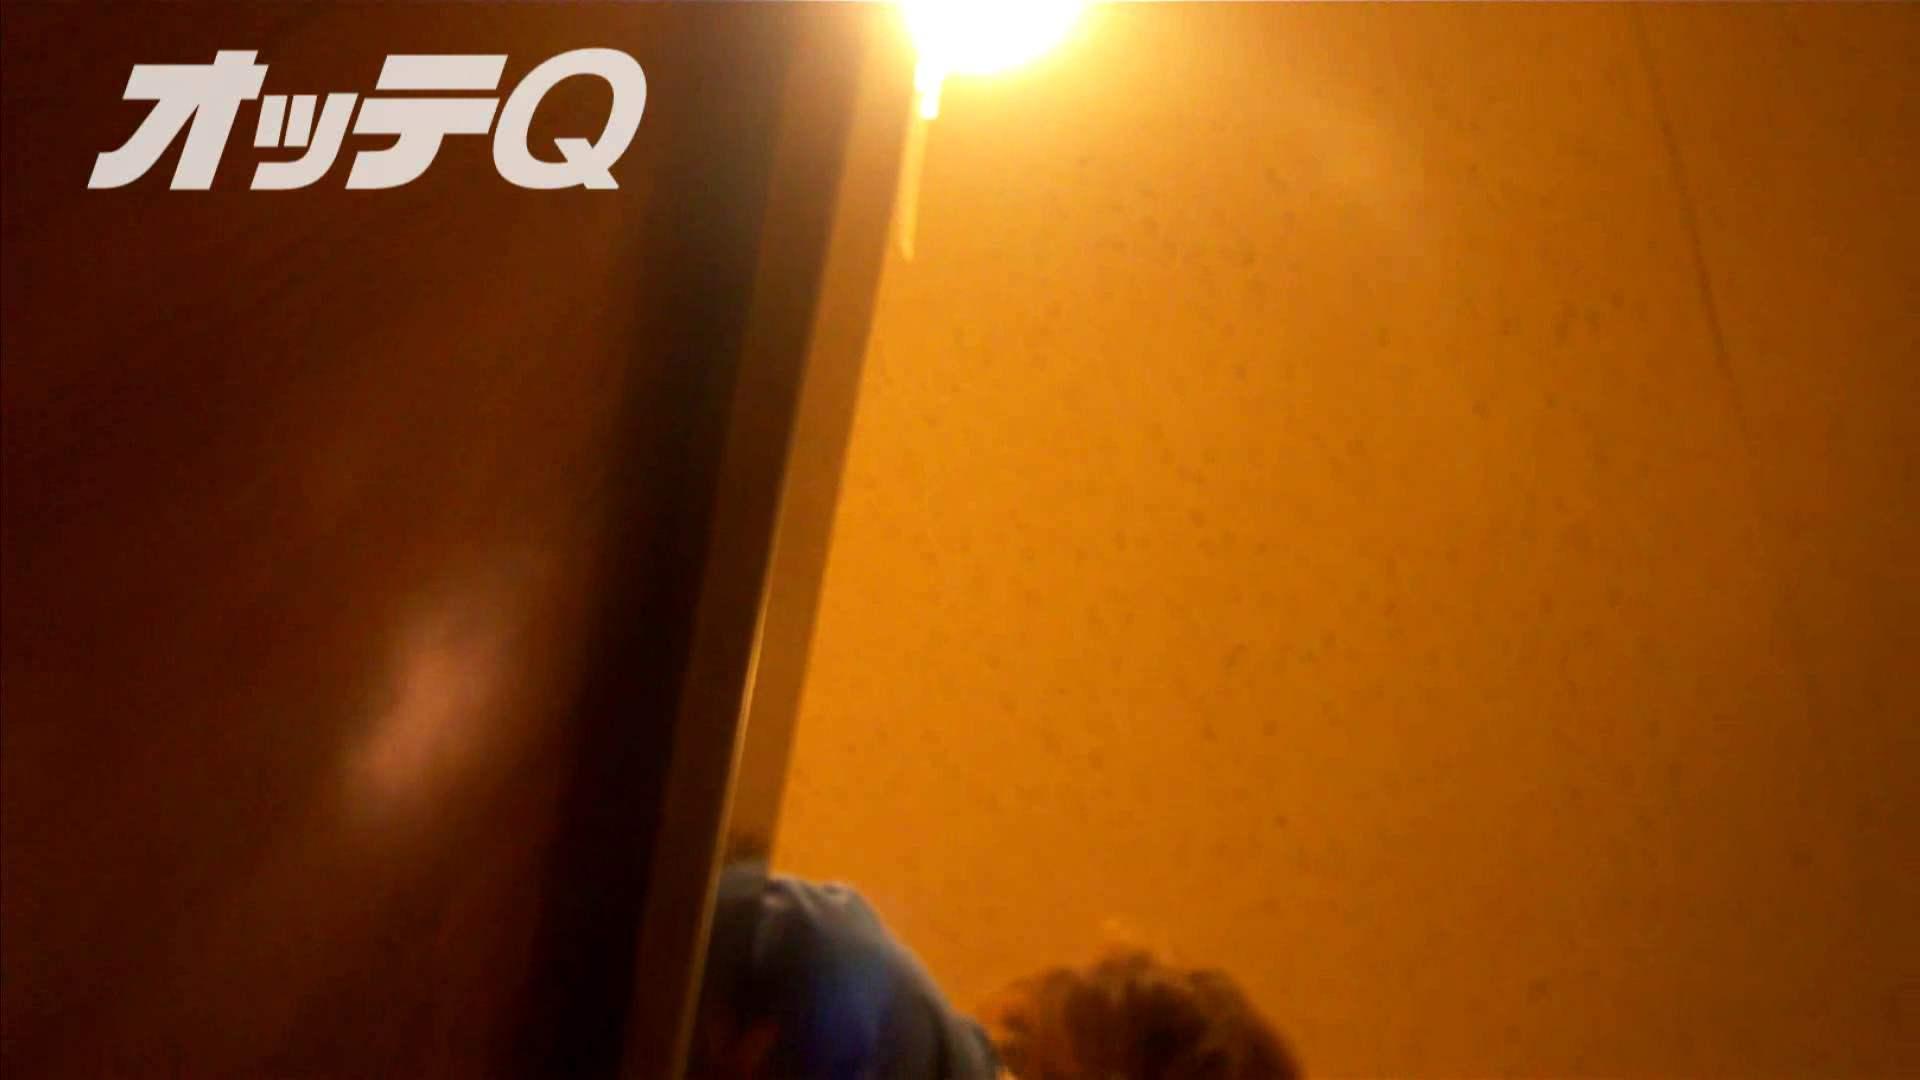 ハイビジョンパンチラ オッテQさんの追跡パンチラデパート編VOL.06 OL裸体 | チラ系  64画像 17